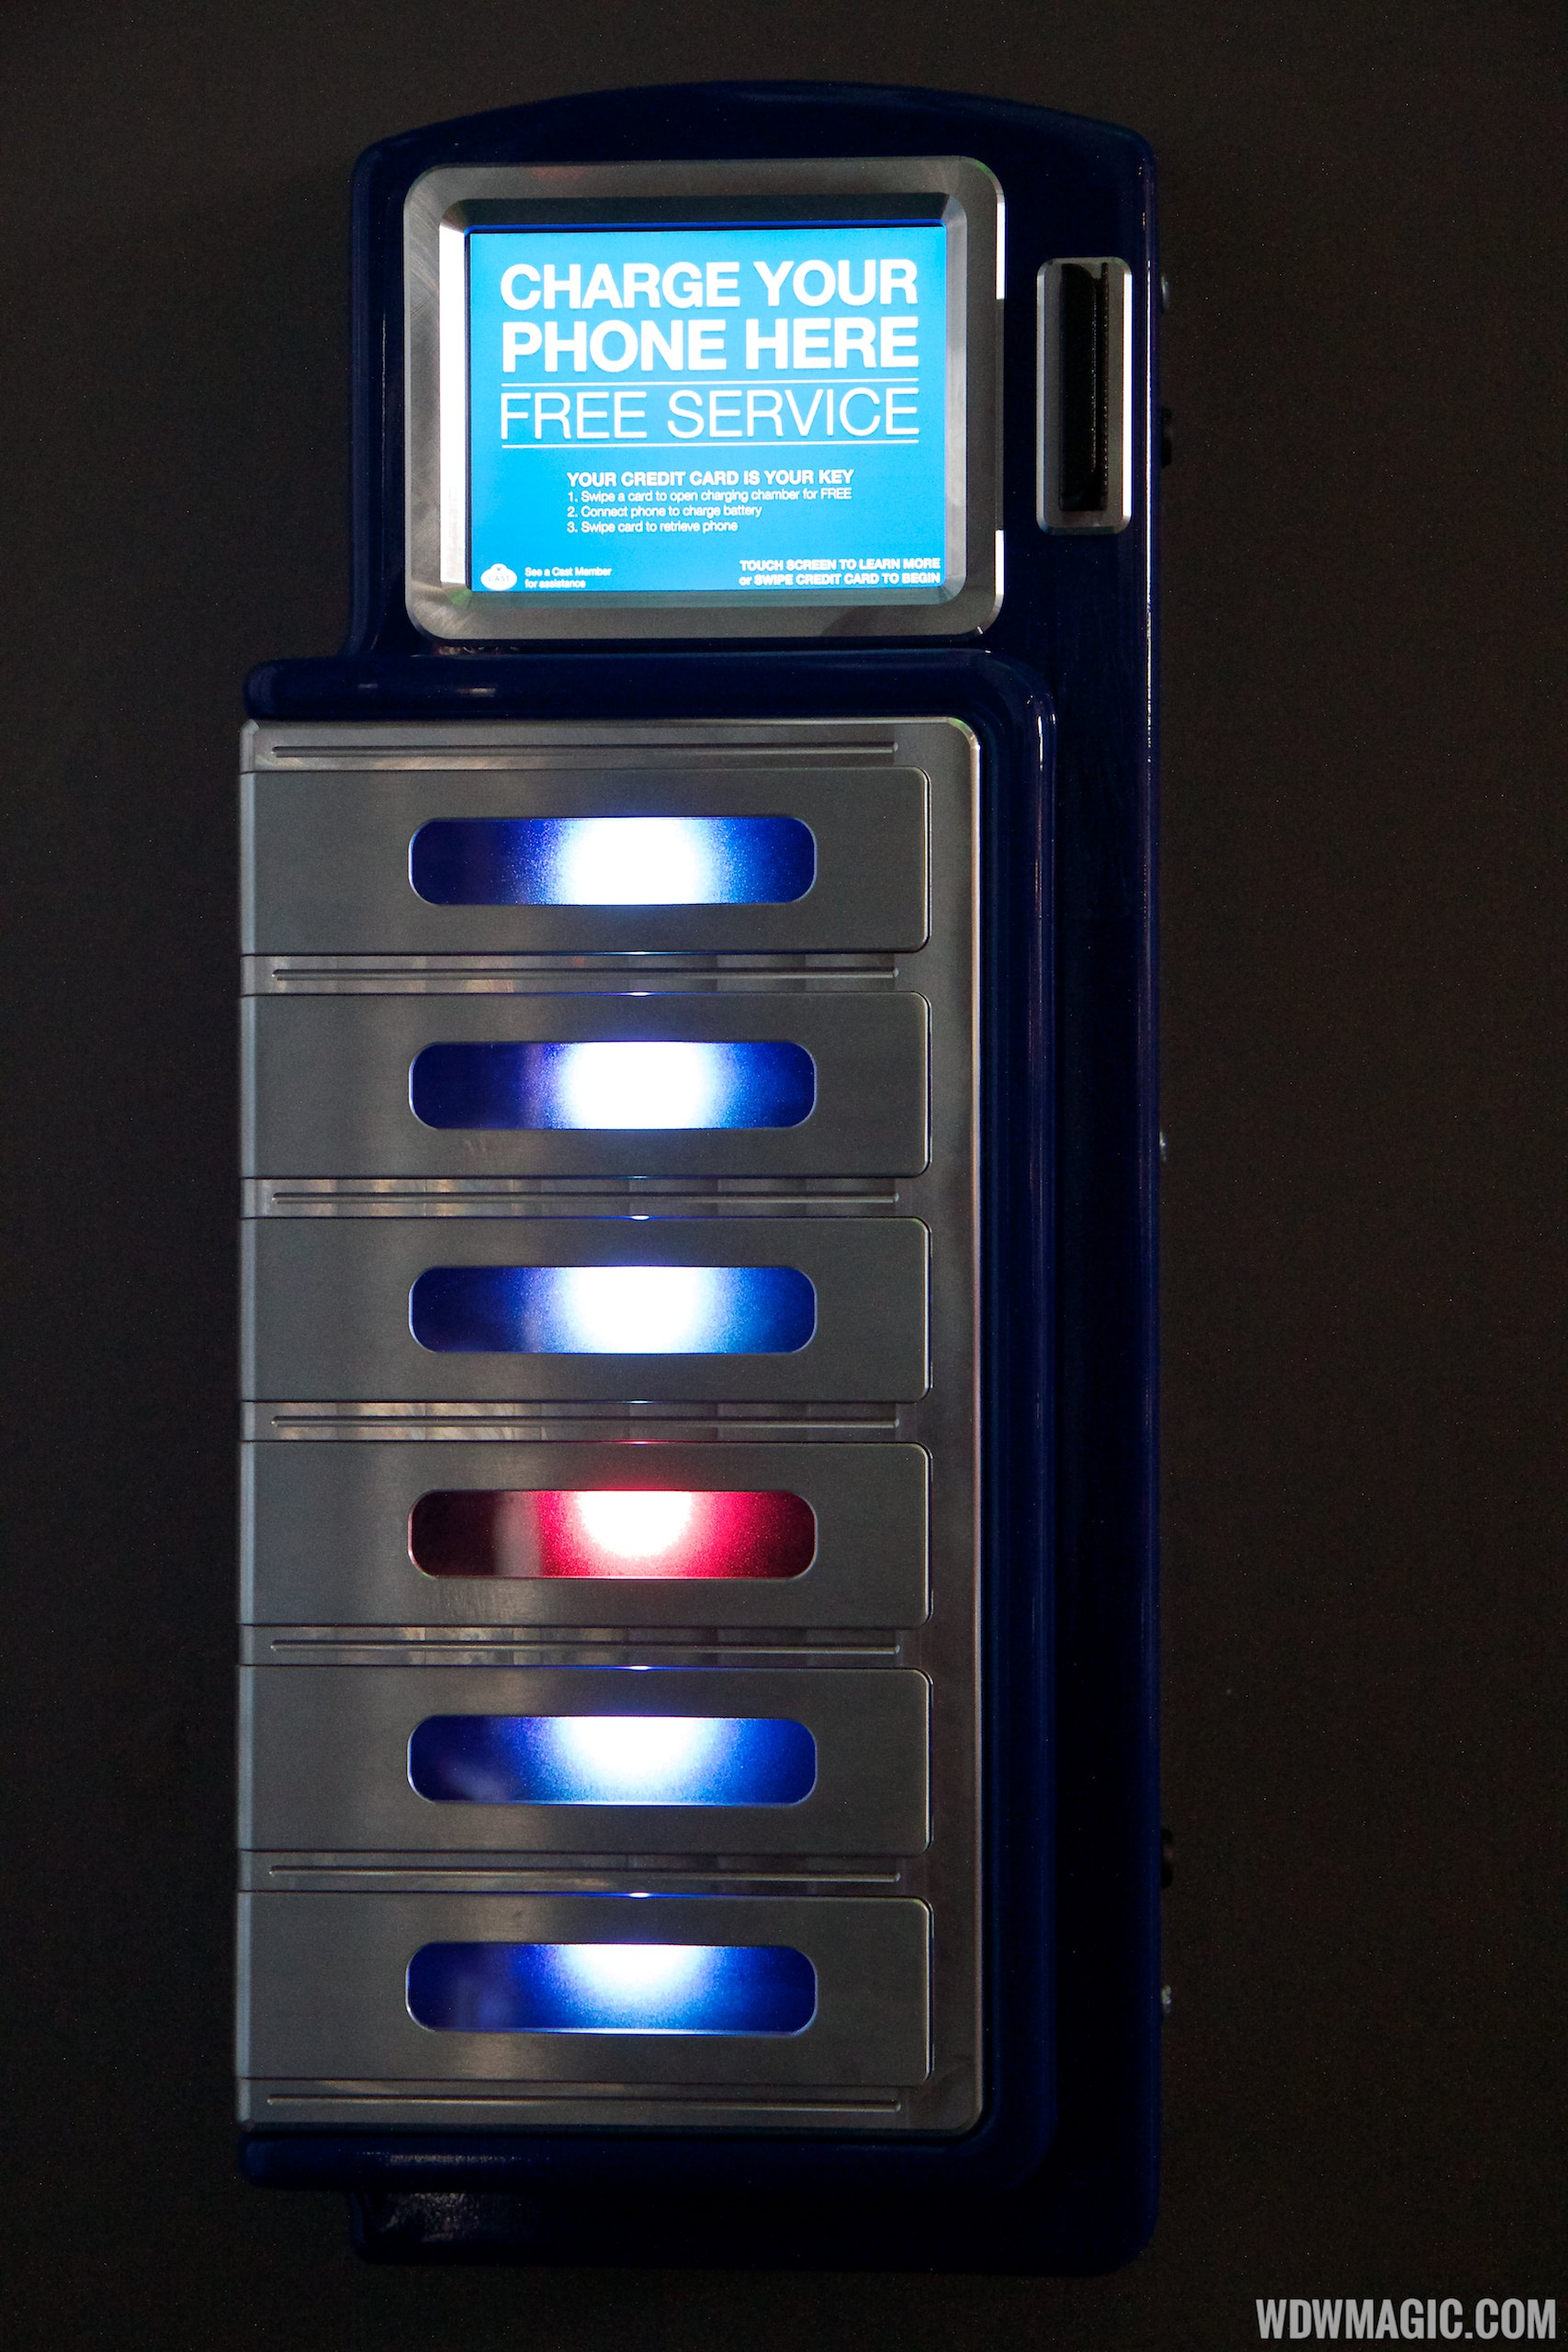 Unattended smartphone charging lockers